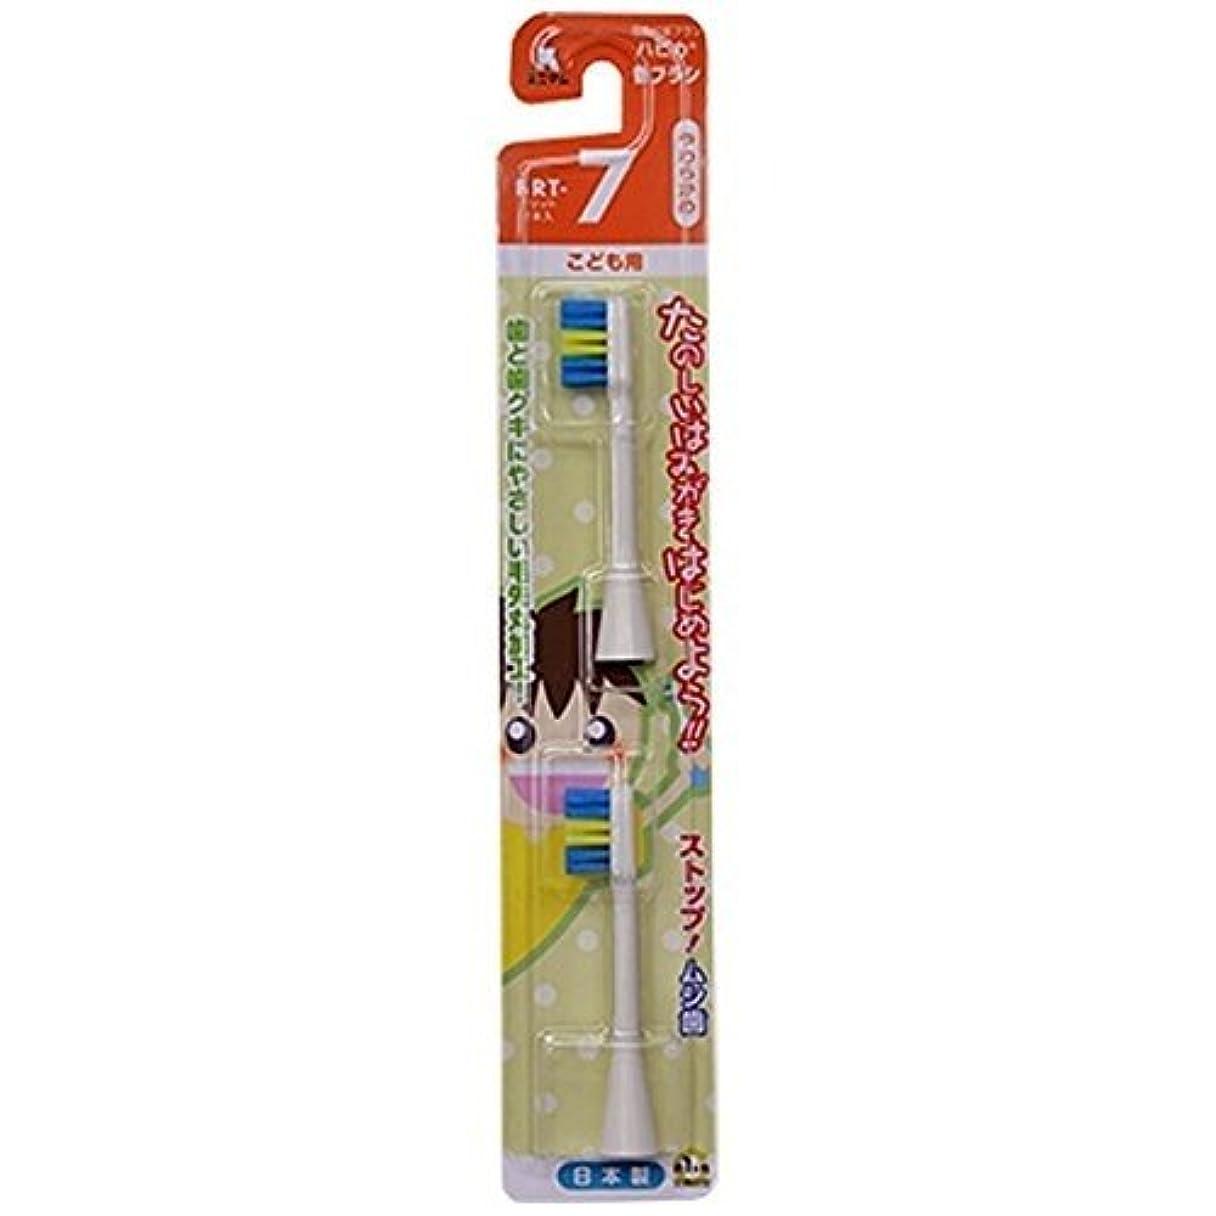 ミニマム 電動付歯ブラシ ハピカ 専用替ブラシ こども用 毛の硬さ:やわらかめ BRT-7 2個入